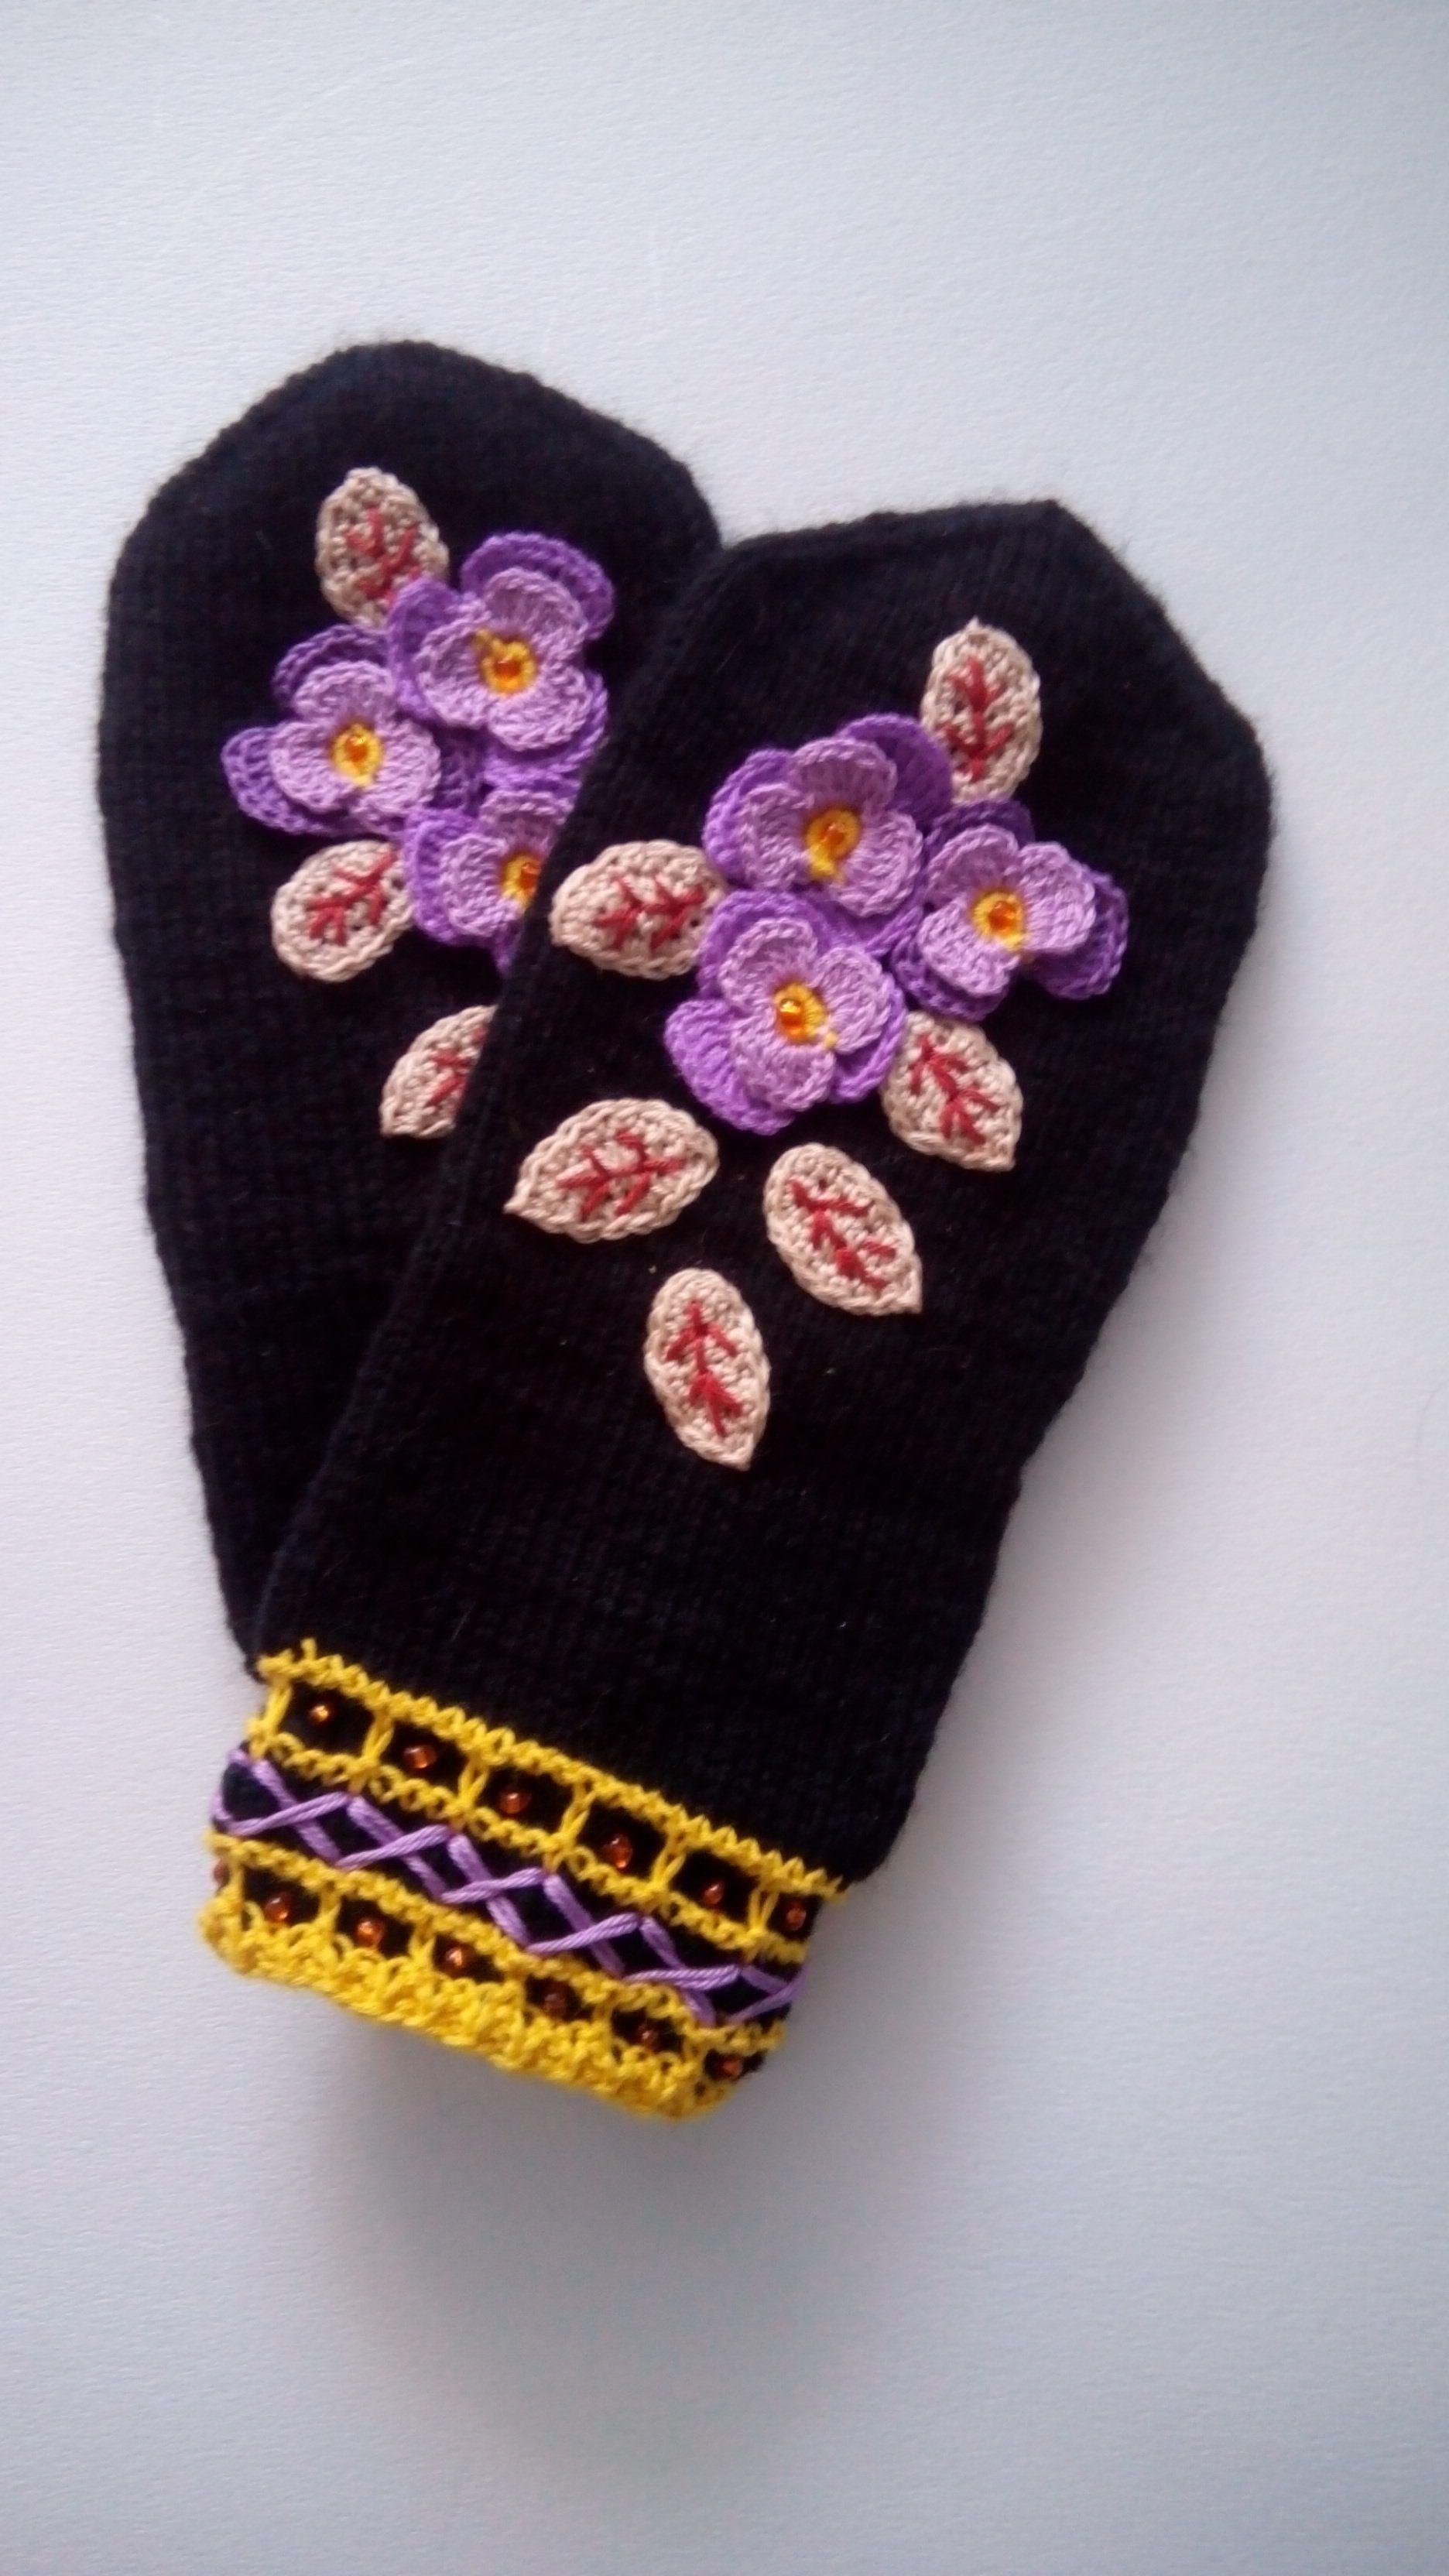 спицами варежки теплые зима вязание подарок женщине